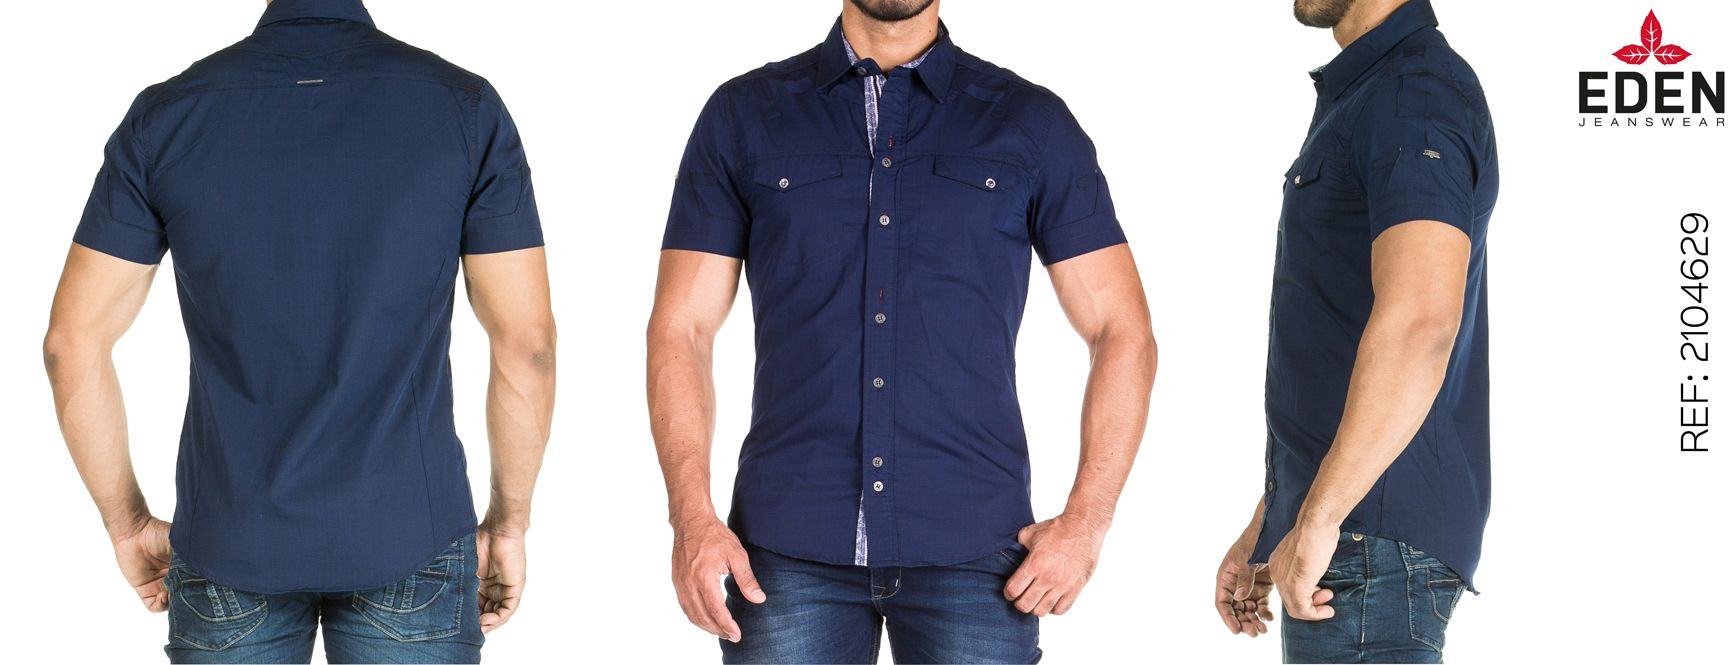 eb213e1acb Camisa Manga Corta Eagle Ref.2104629